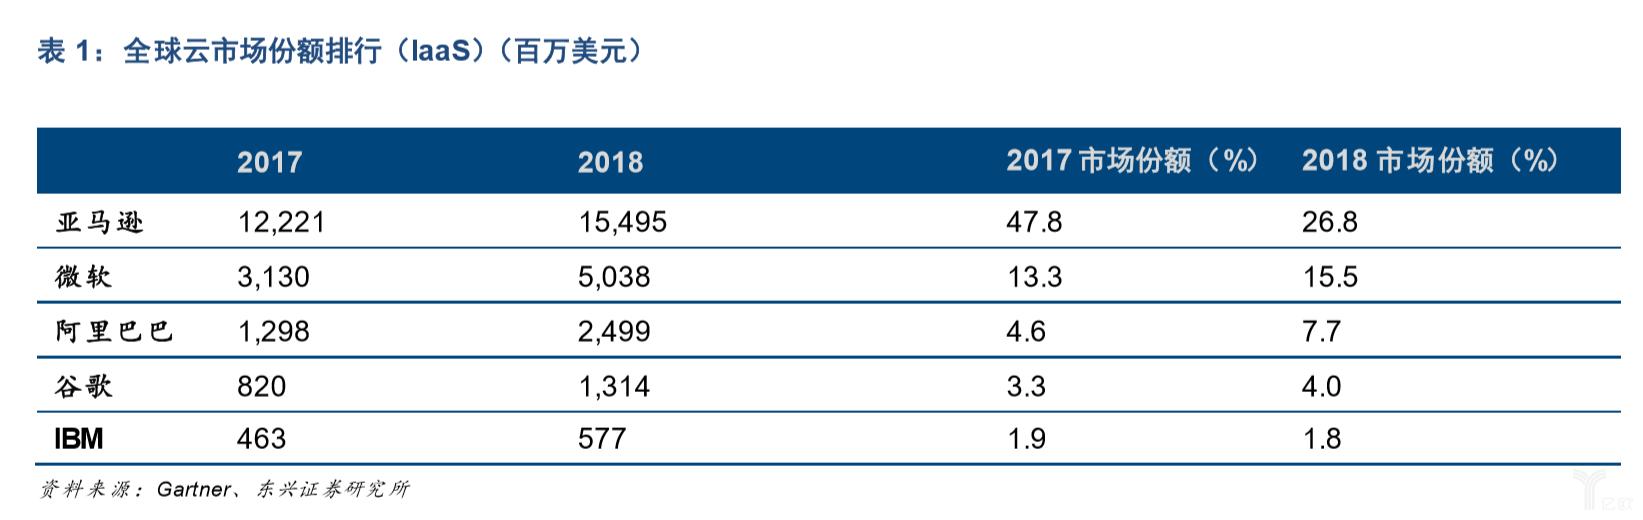 亿欧智库:全球云市场份额排行